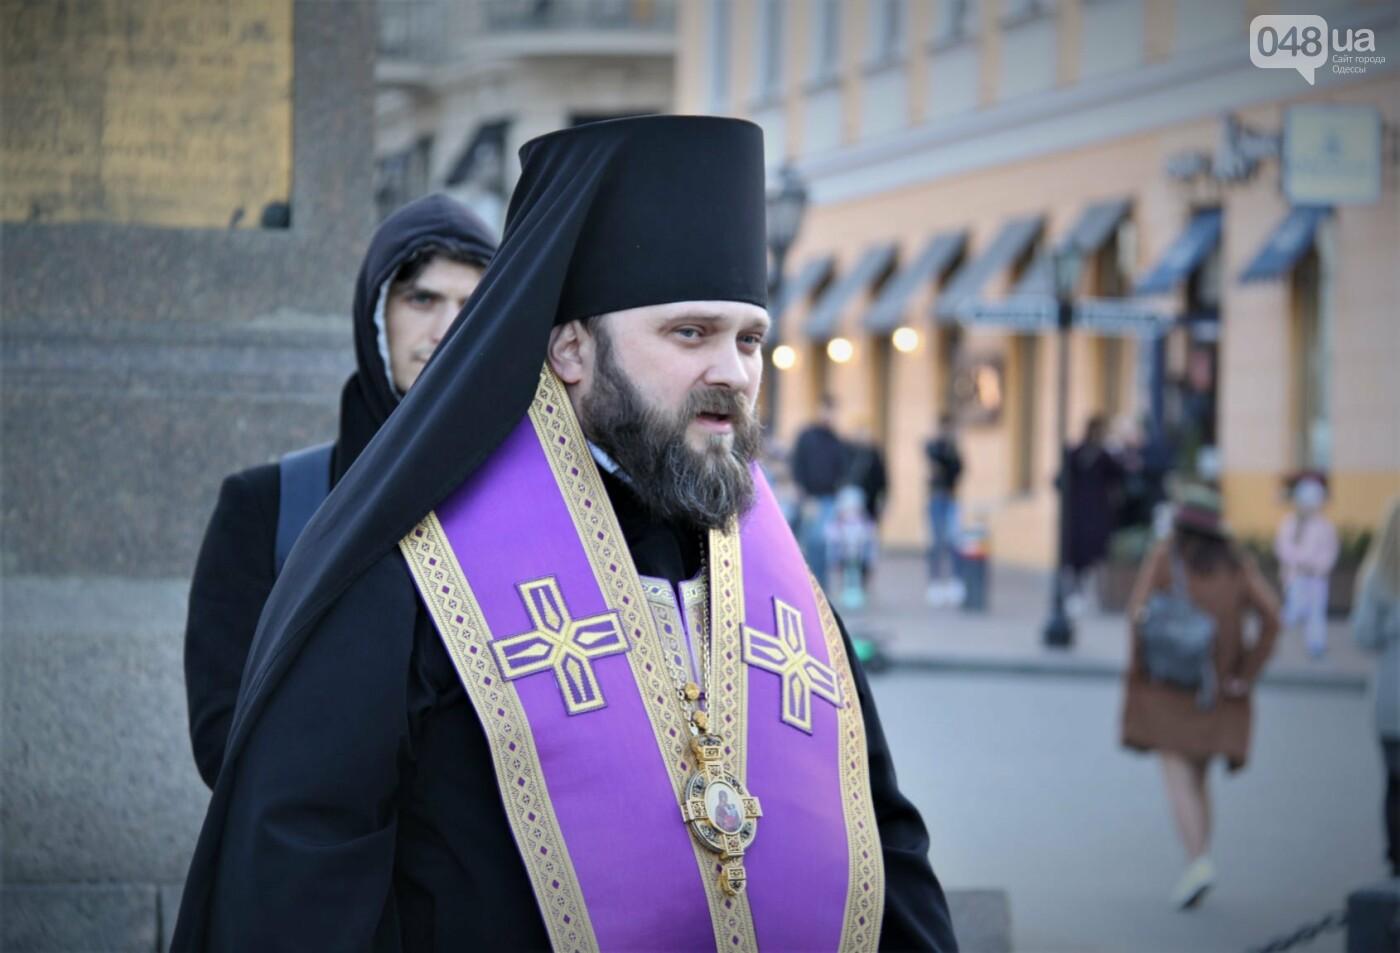 В Одессе молились за мир и прекращение войны в Украине,- ФОТО, фото-1